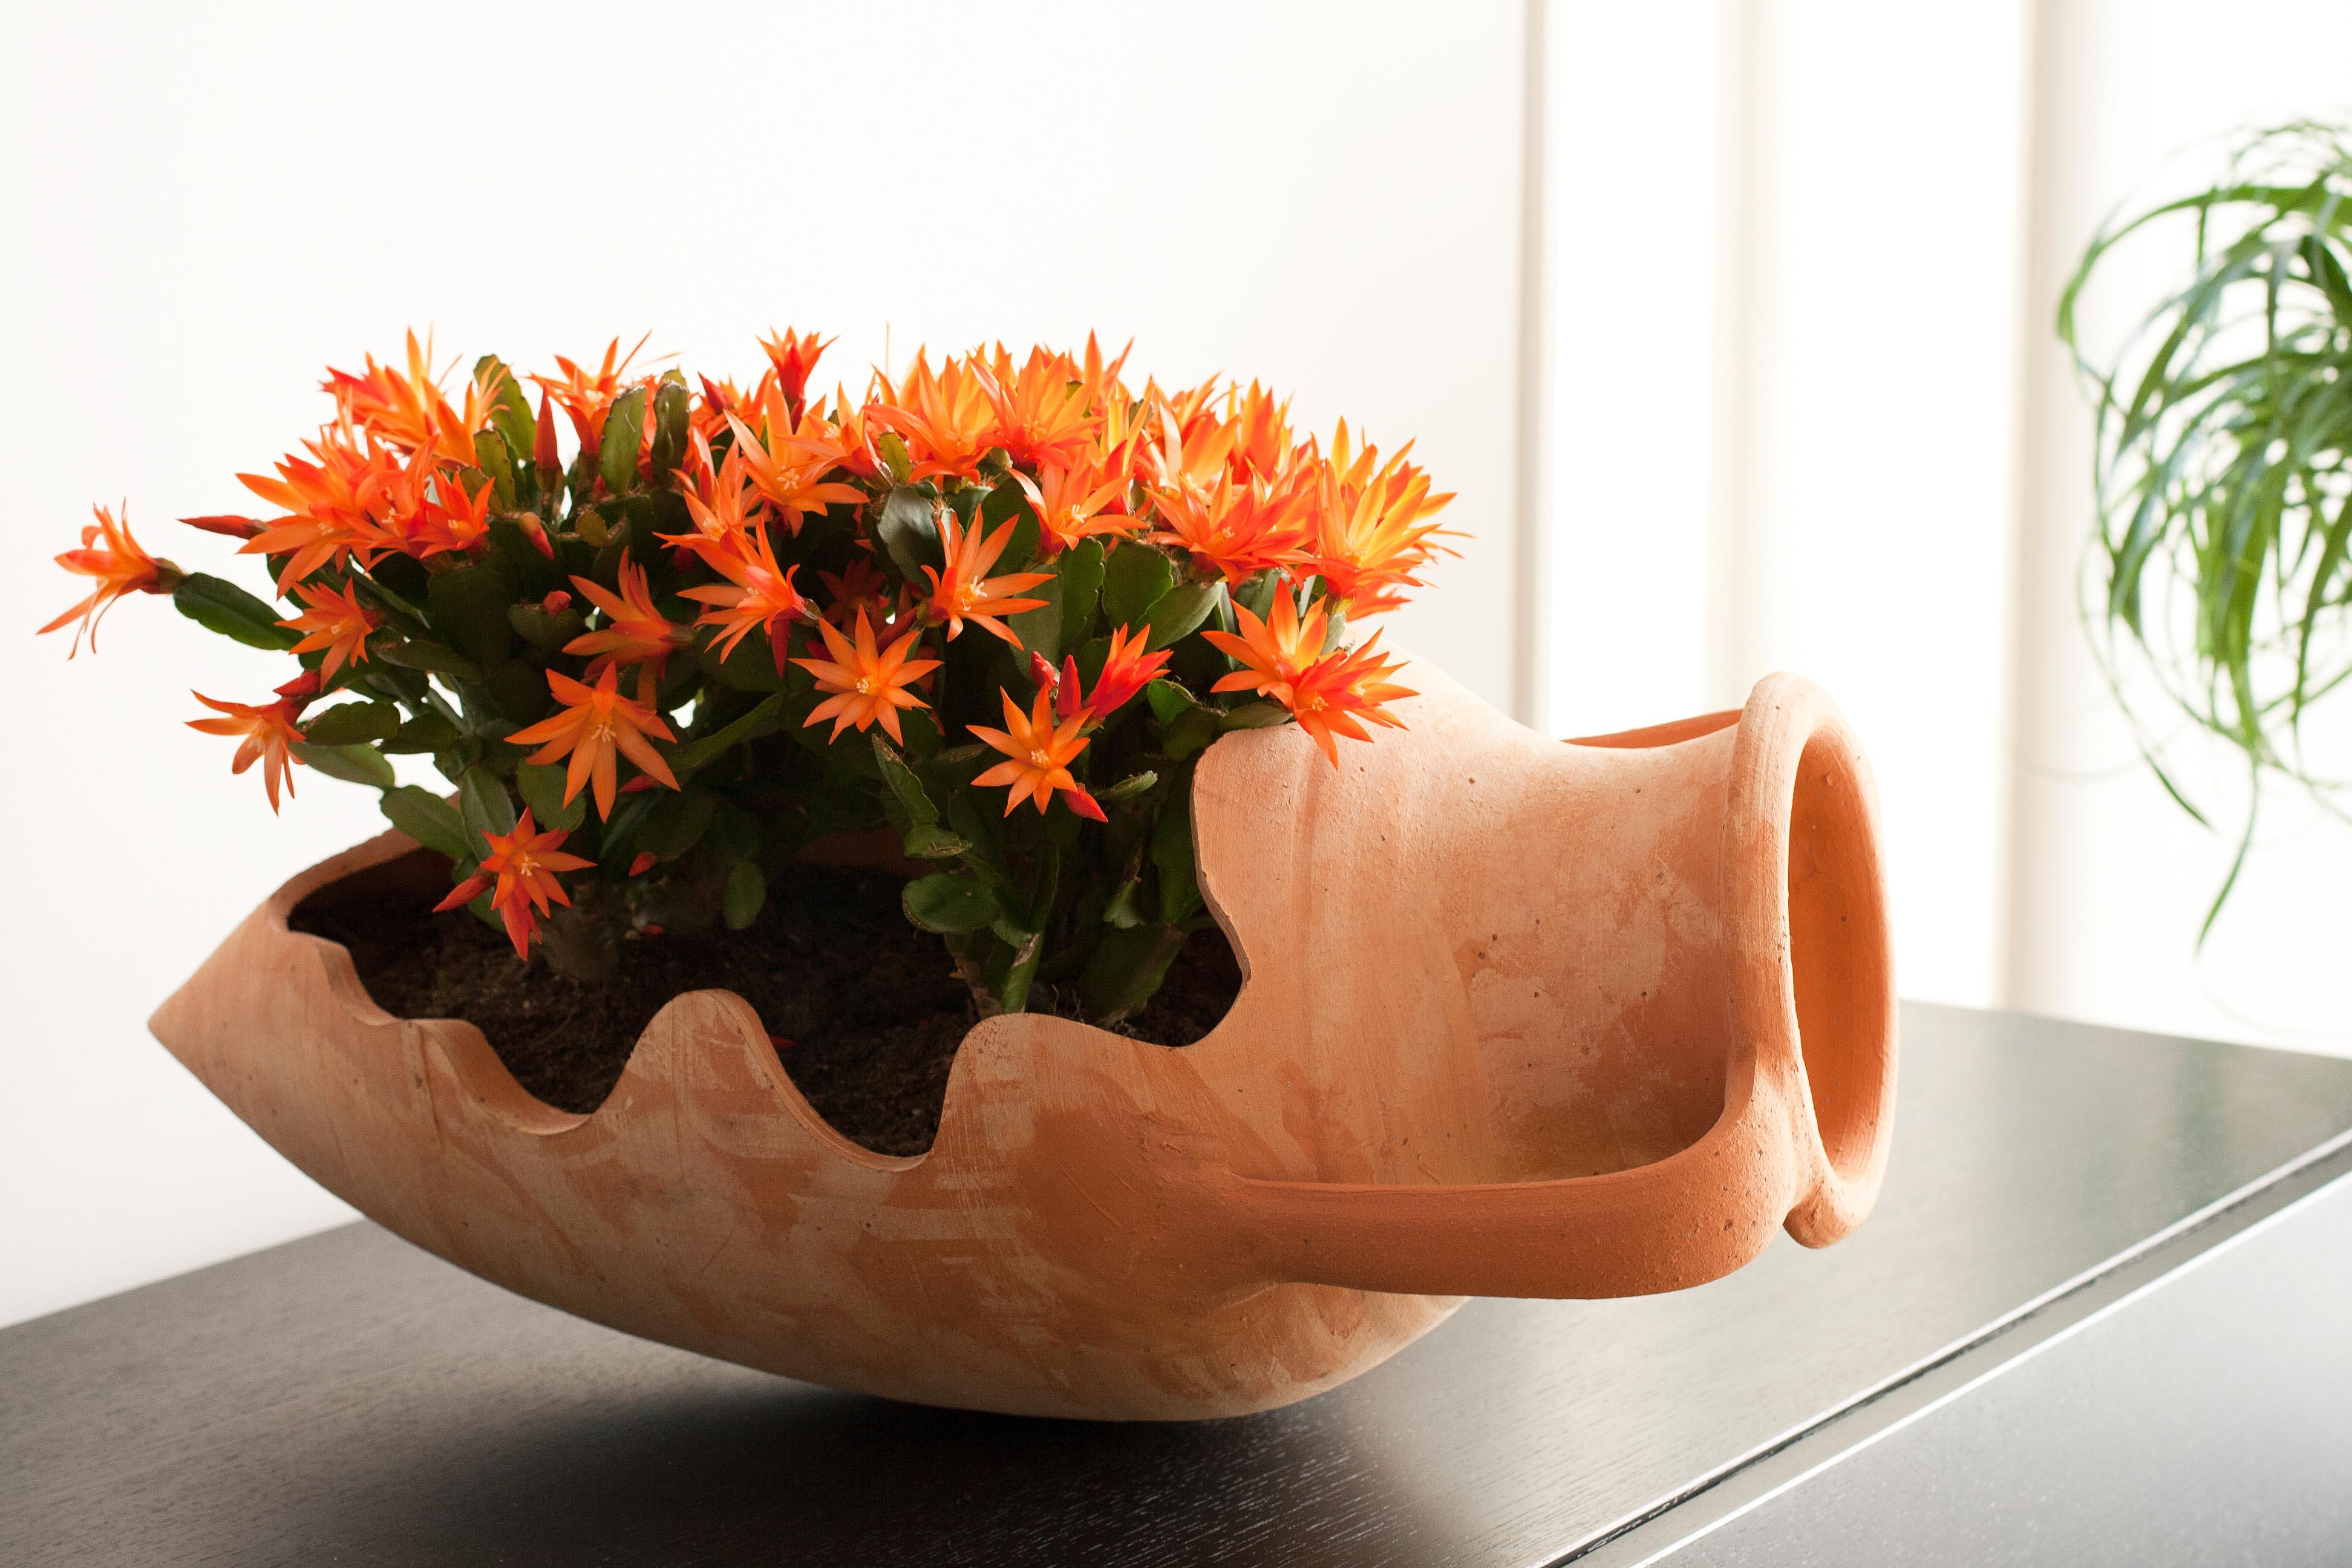 Äkta amfora från Medelhavet. Krukor och urnor av terrakotta. Amfororna är skapta för hand och godset är hårdbränt. Stora krukor och urnor.